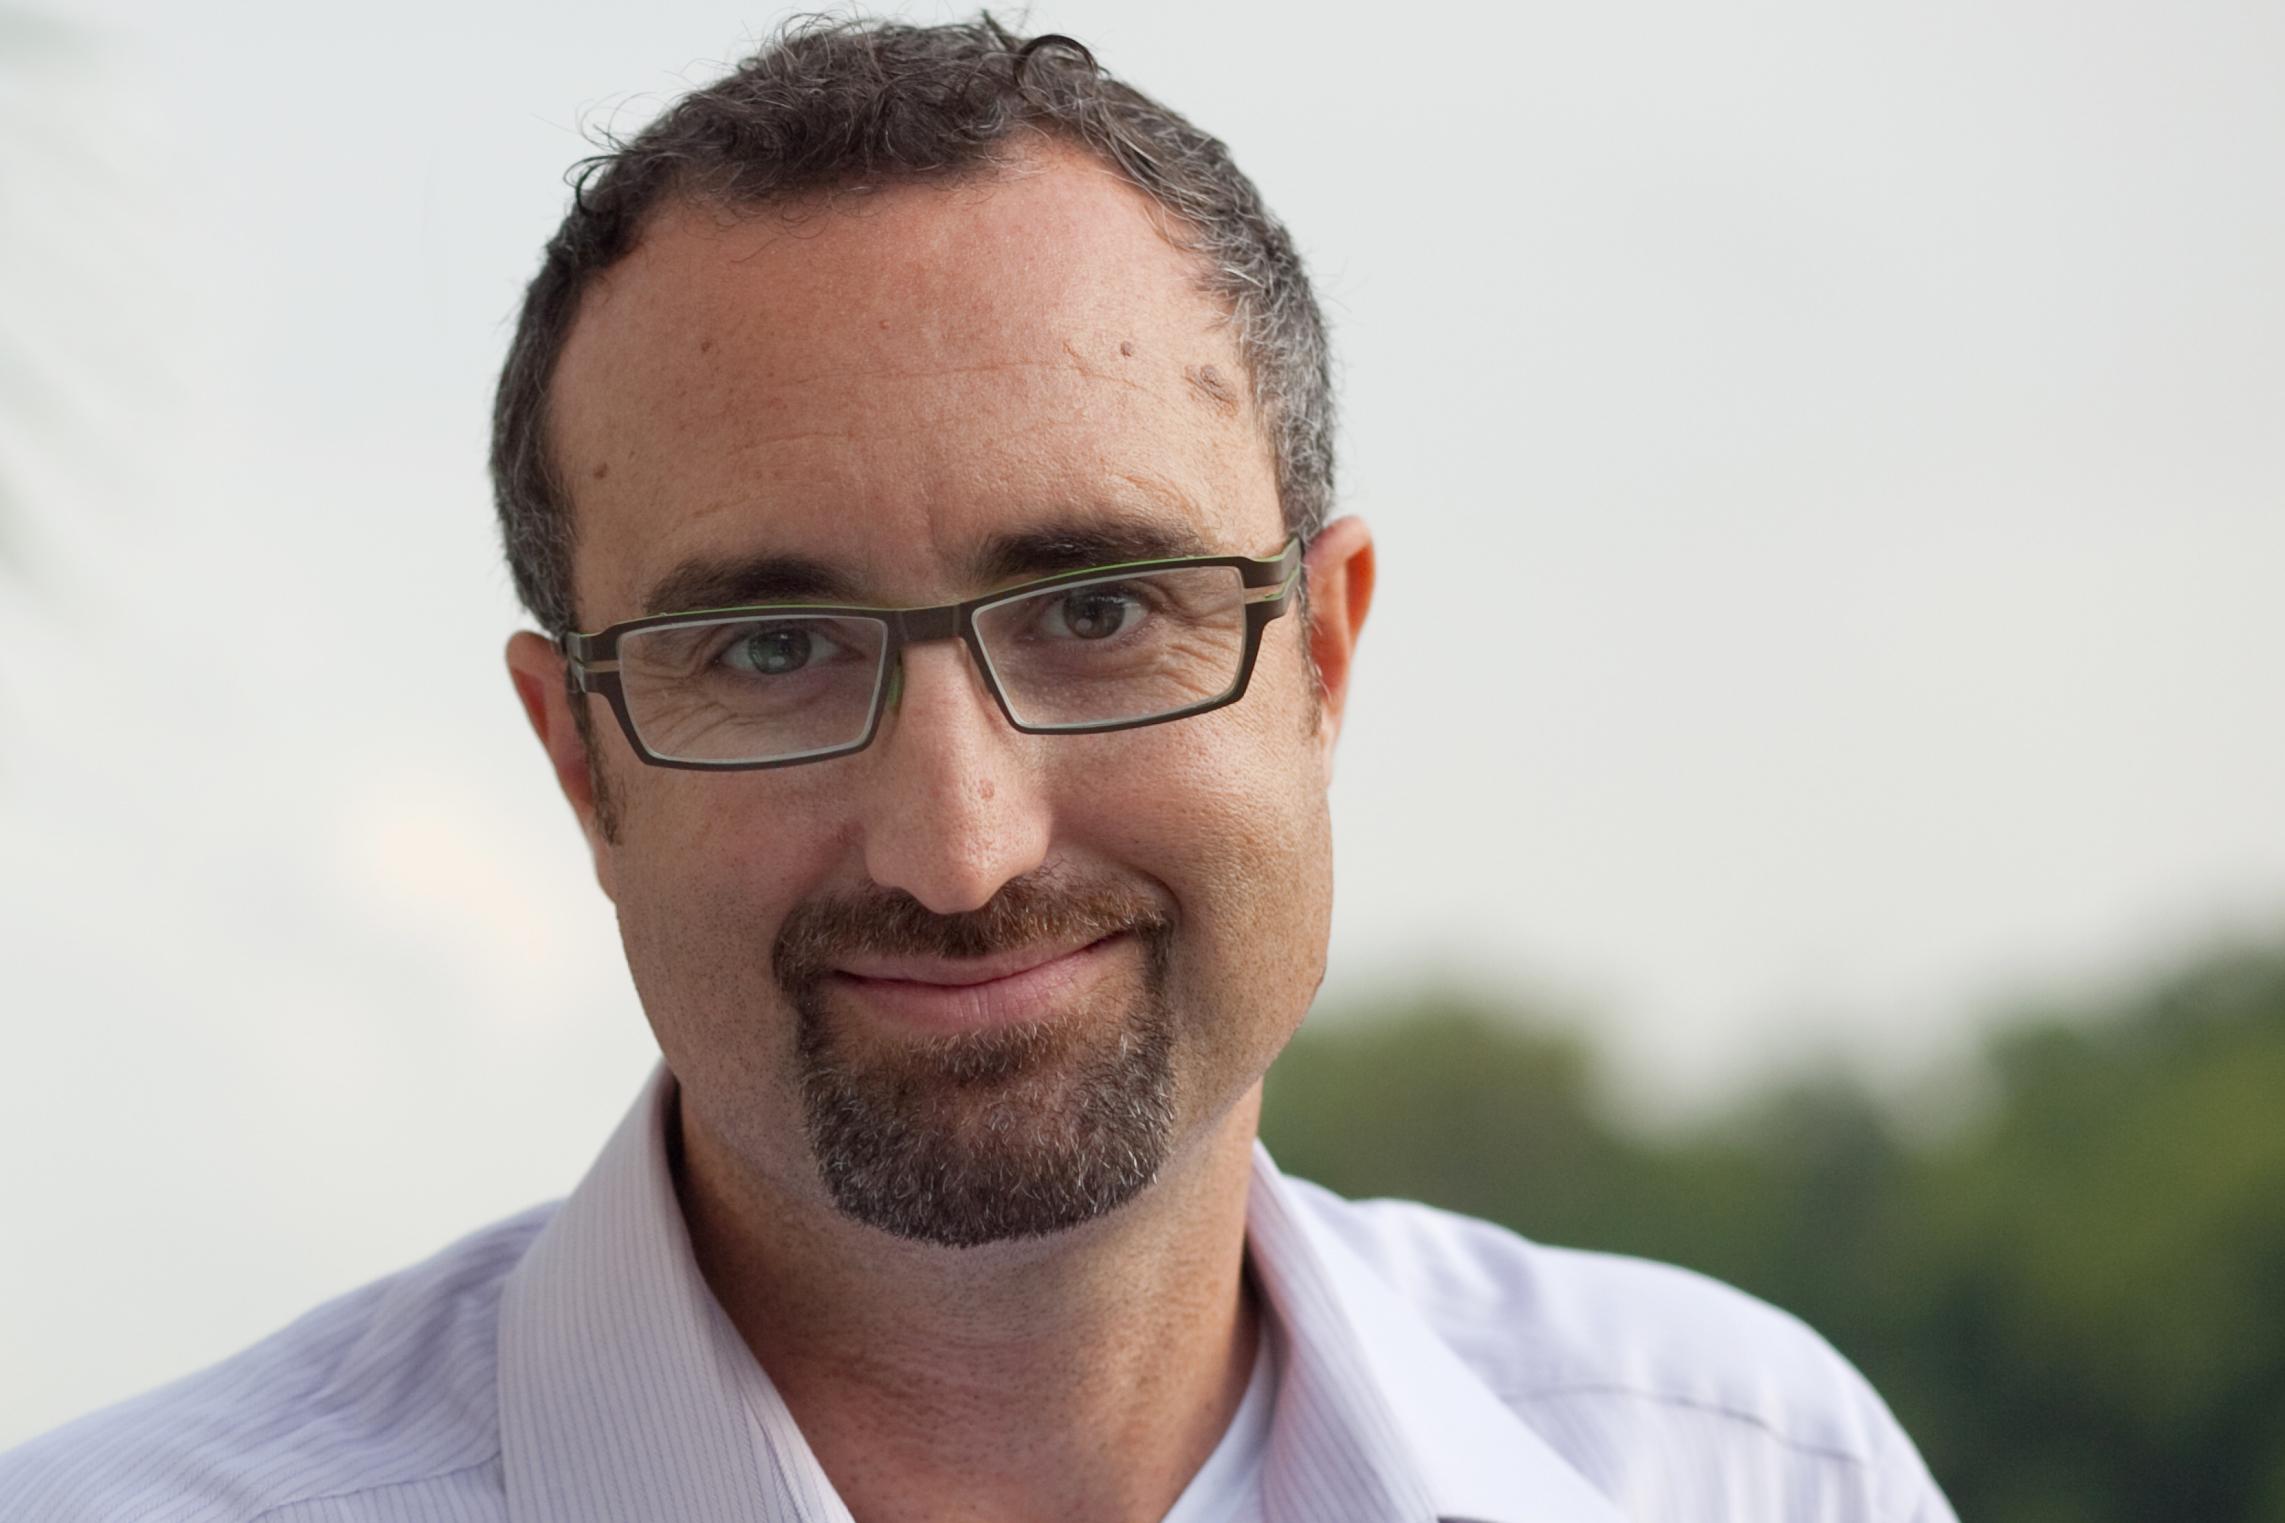 Professor Sean Flynn